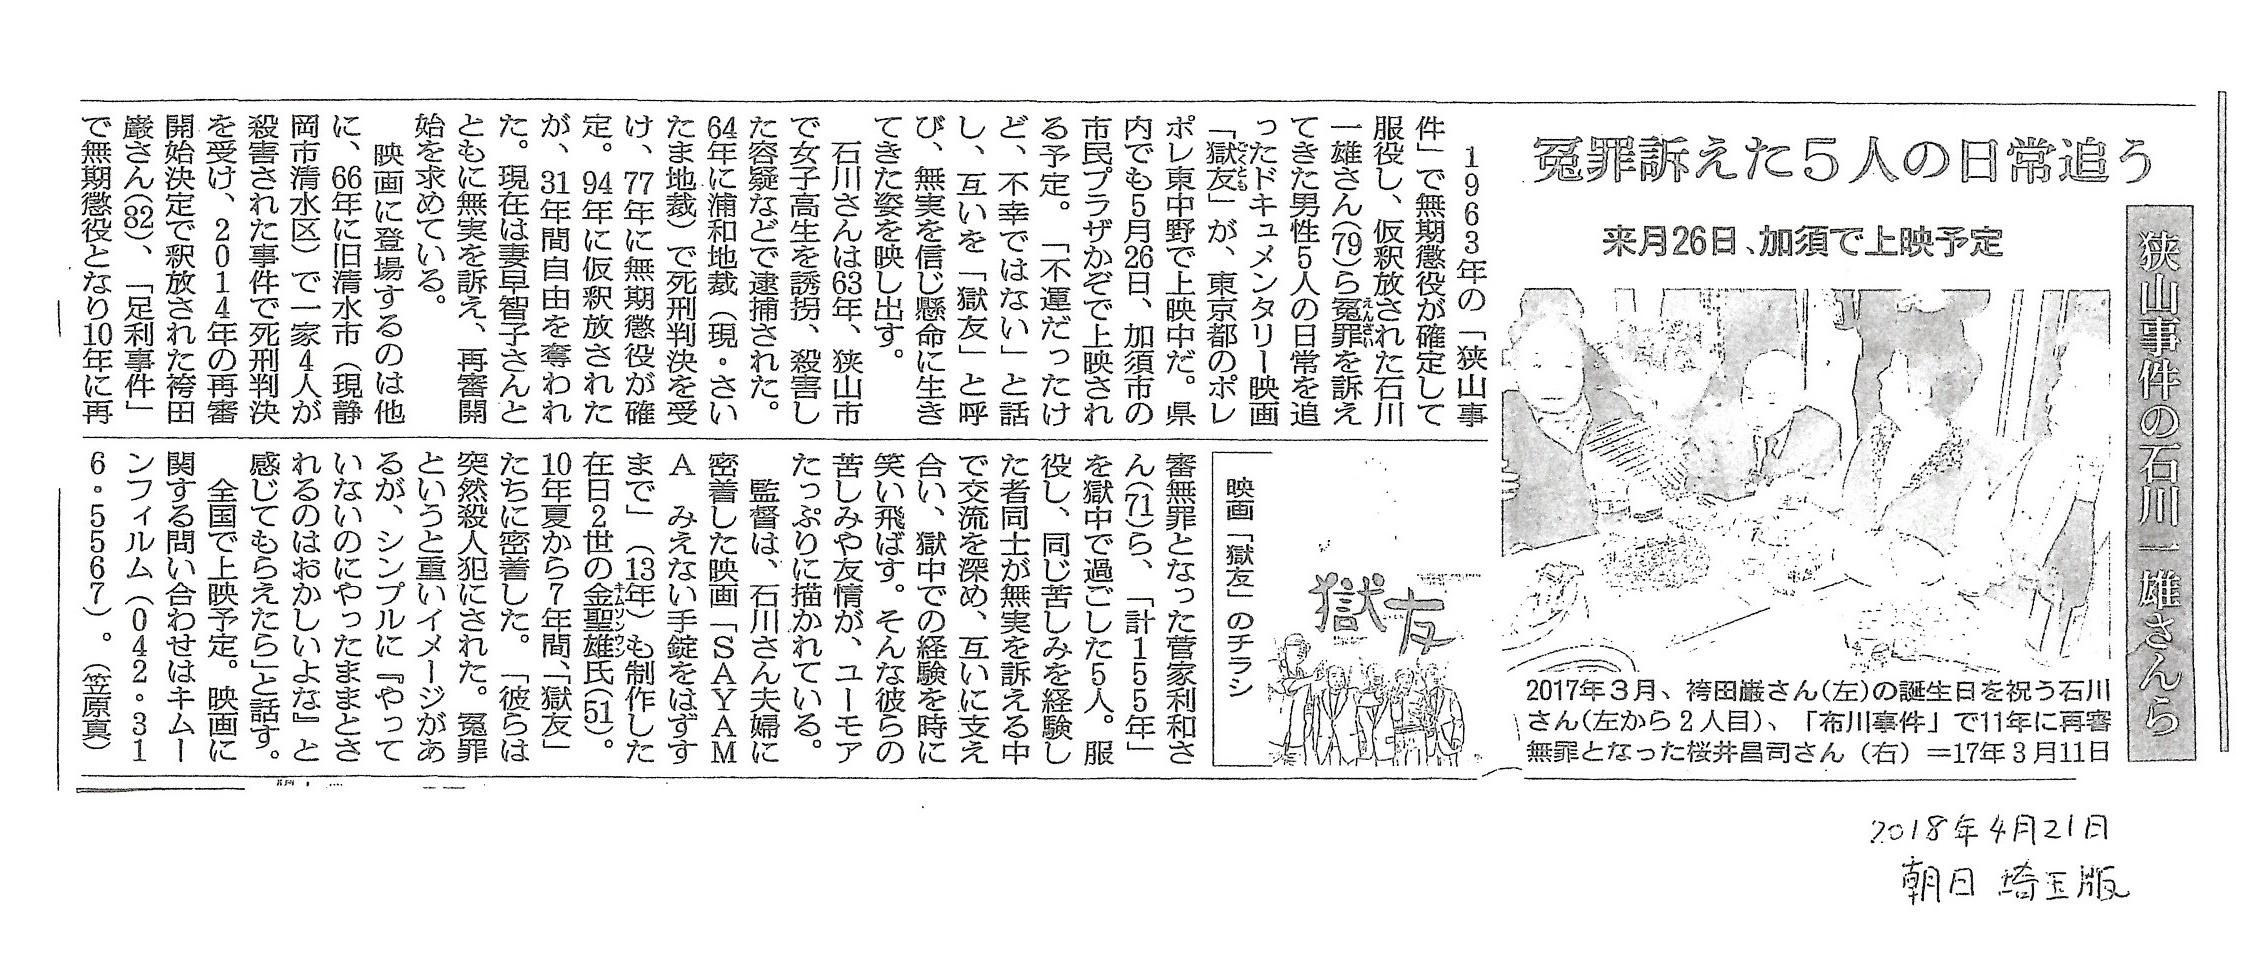 2018.4.21 朝日新聞【埼玉版】